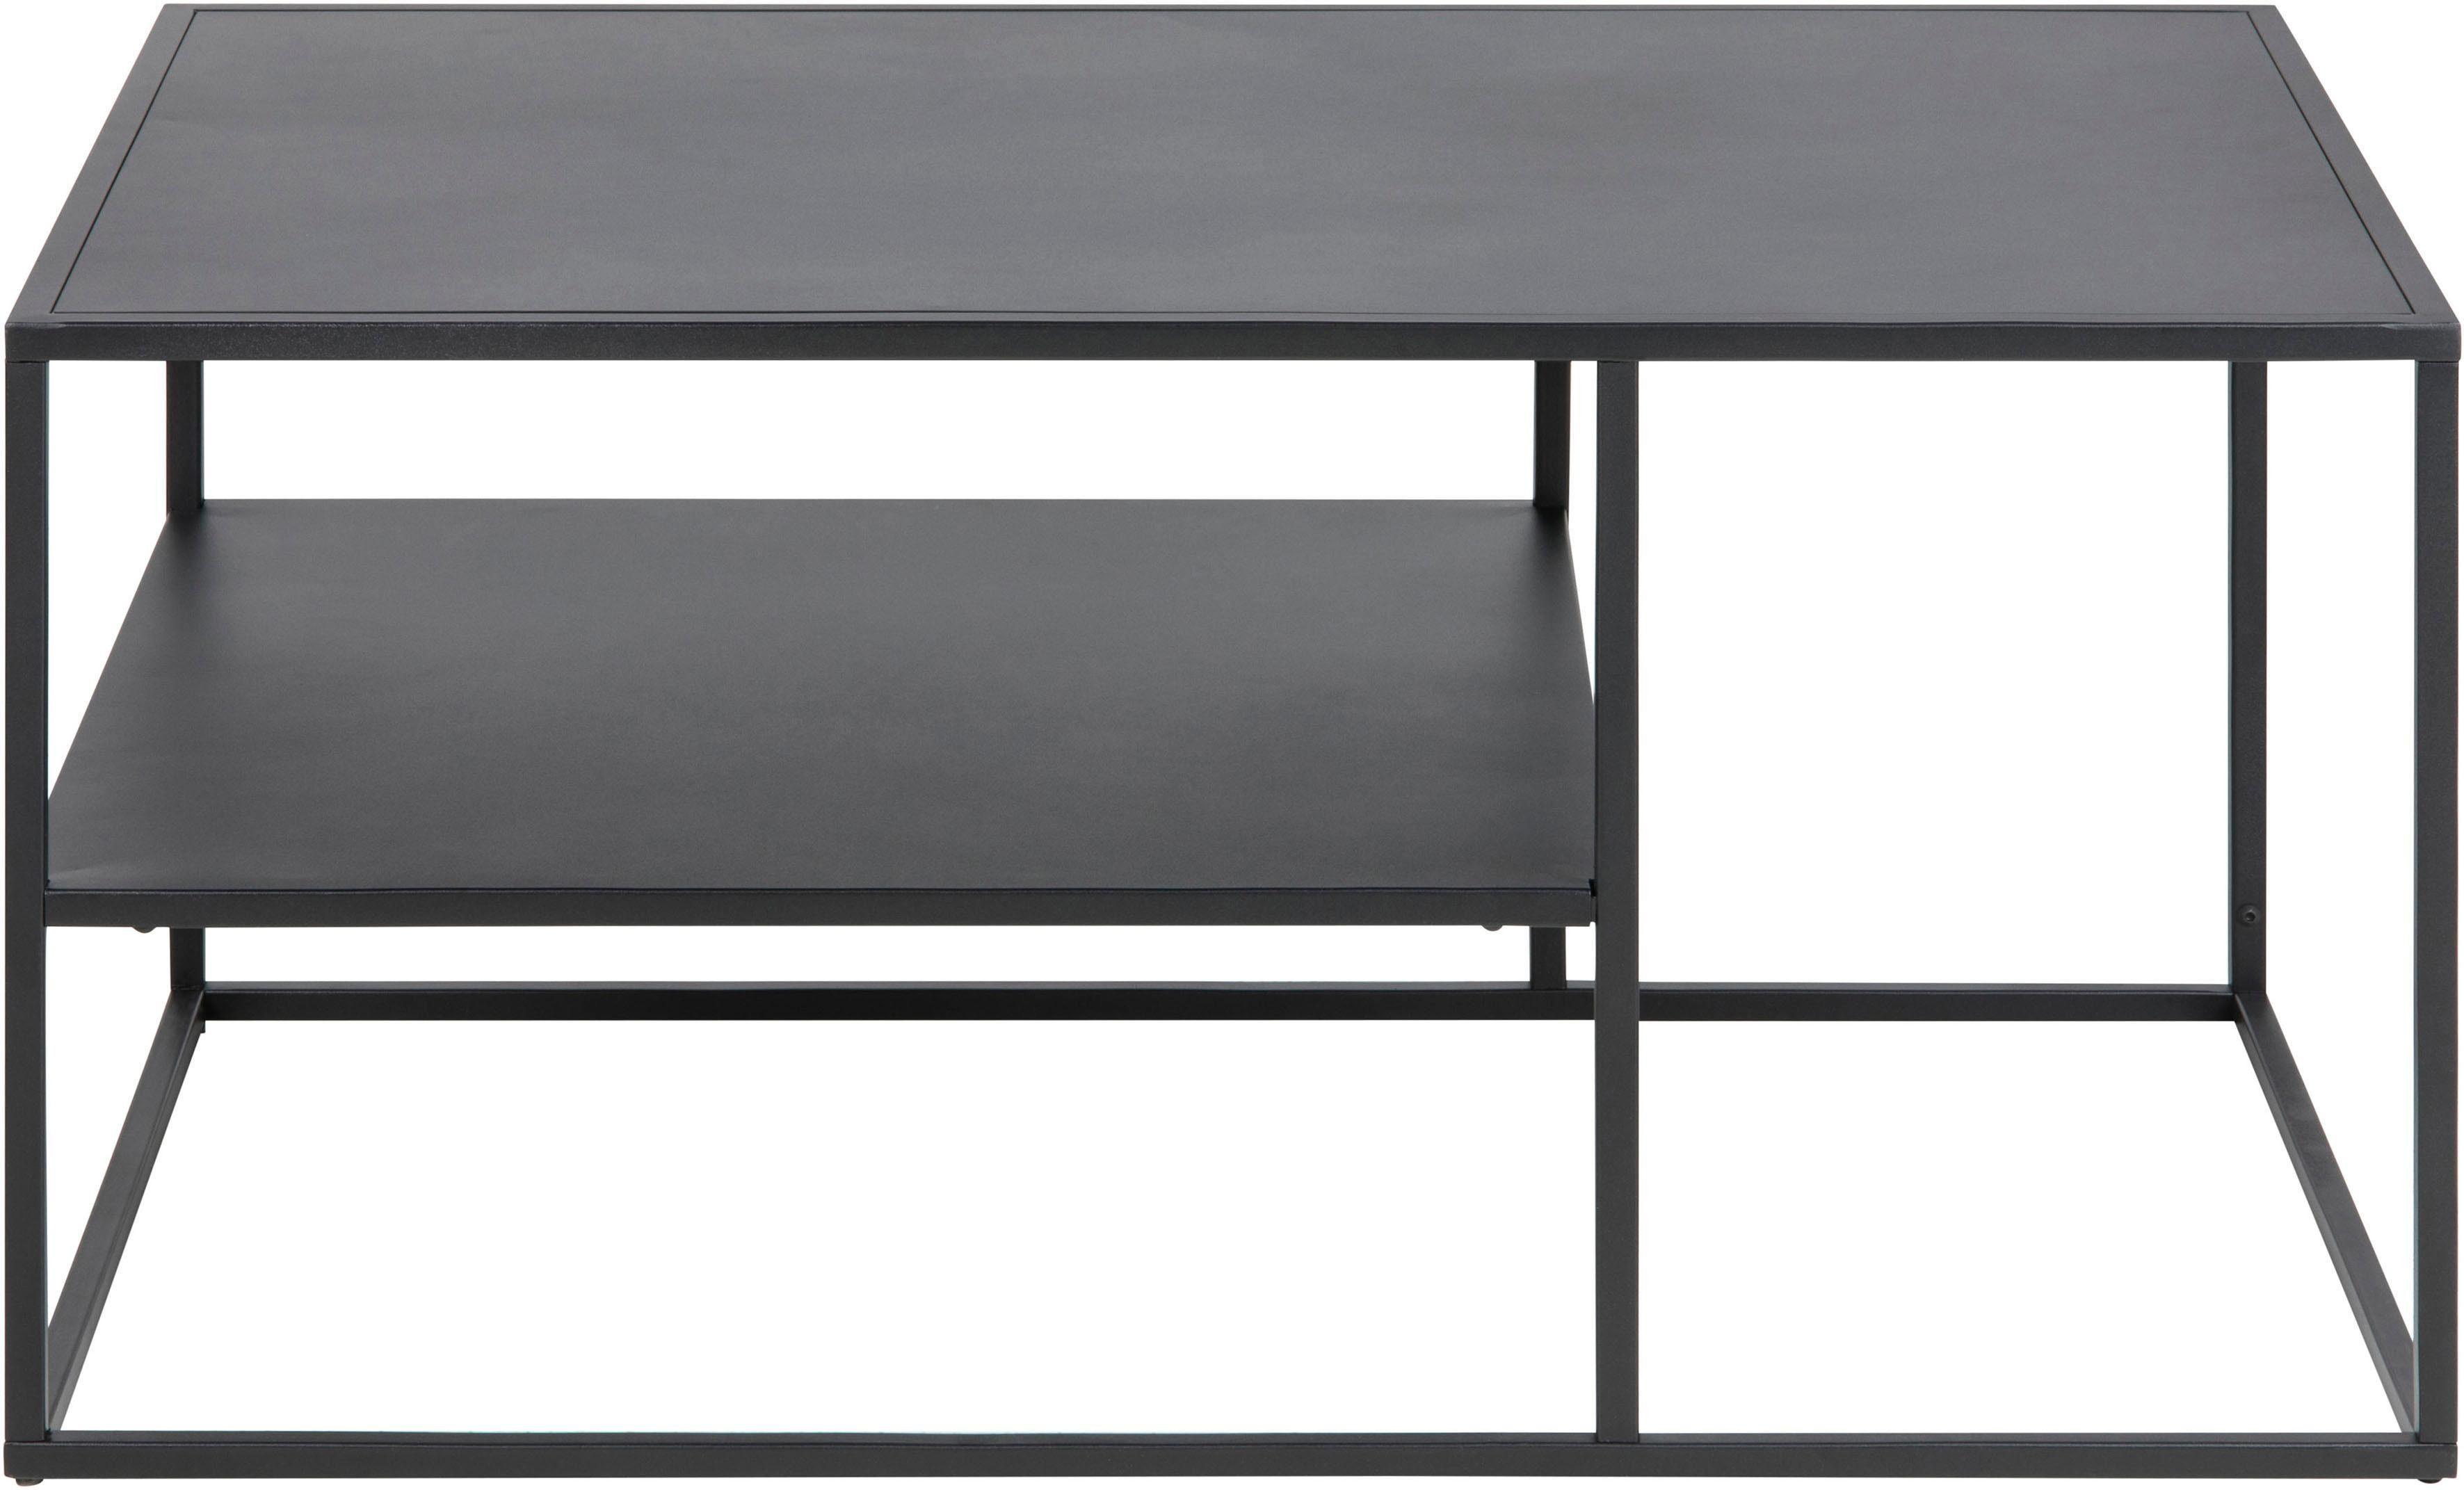 andas Couchtisch »Vilho« aus einem schönen, schwarzen Metallgestell, Breite 90 cm